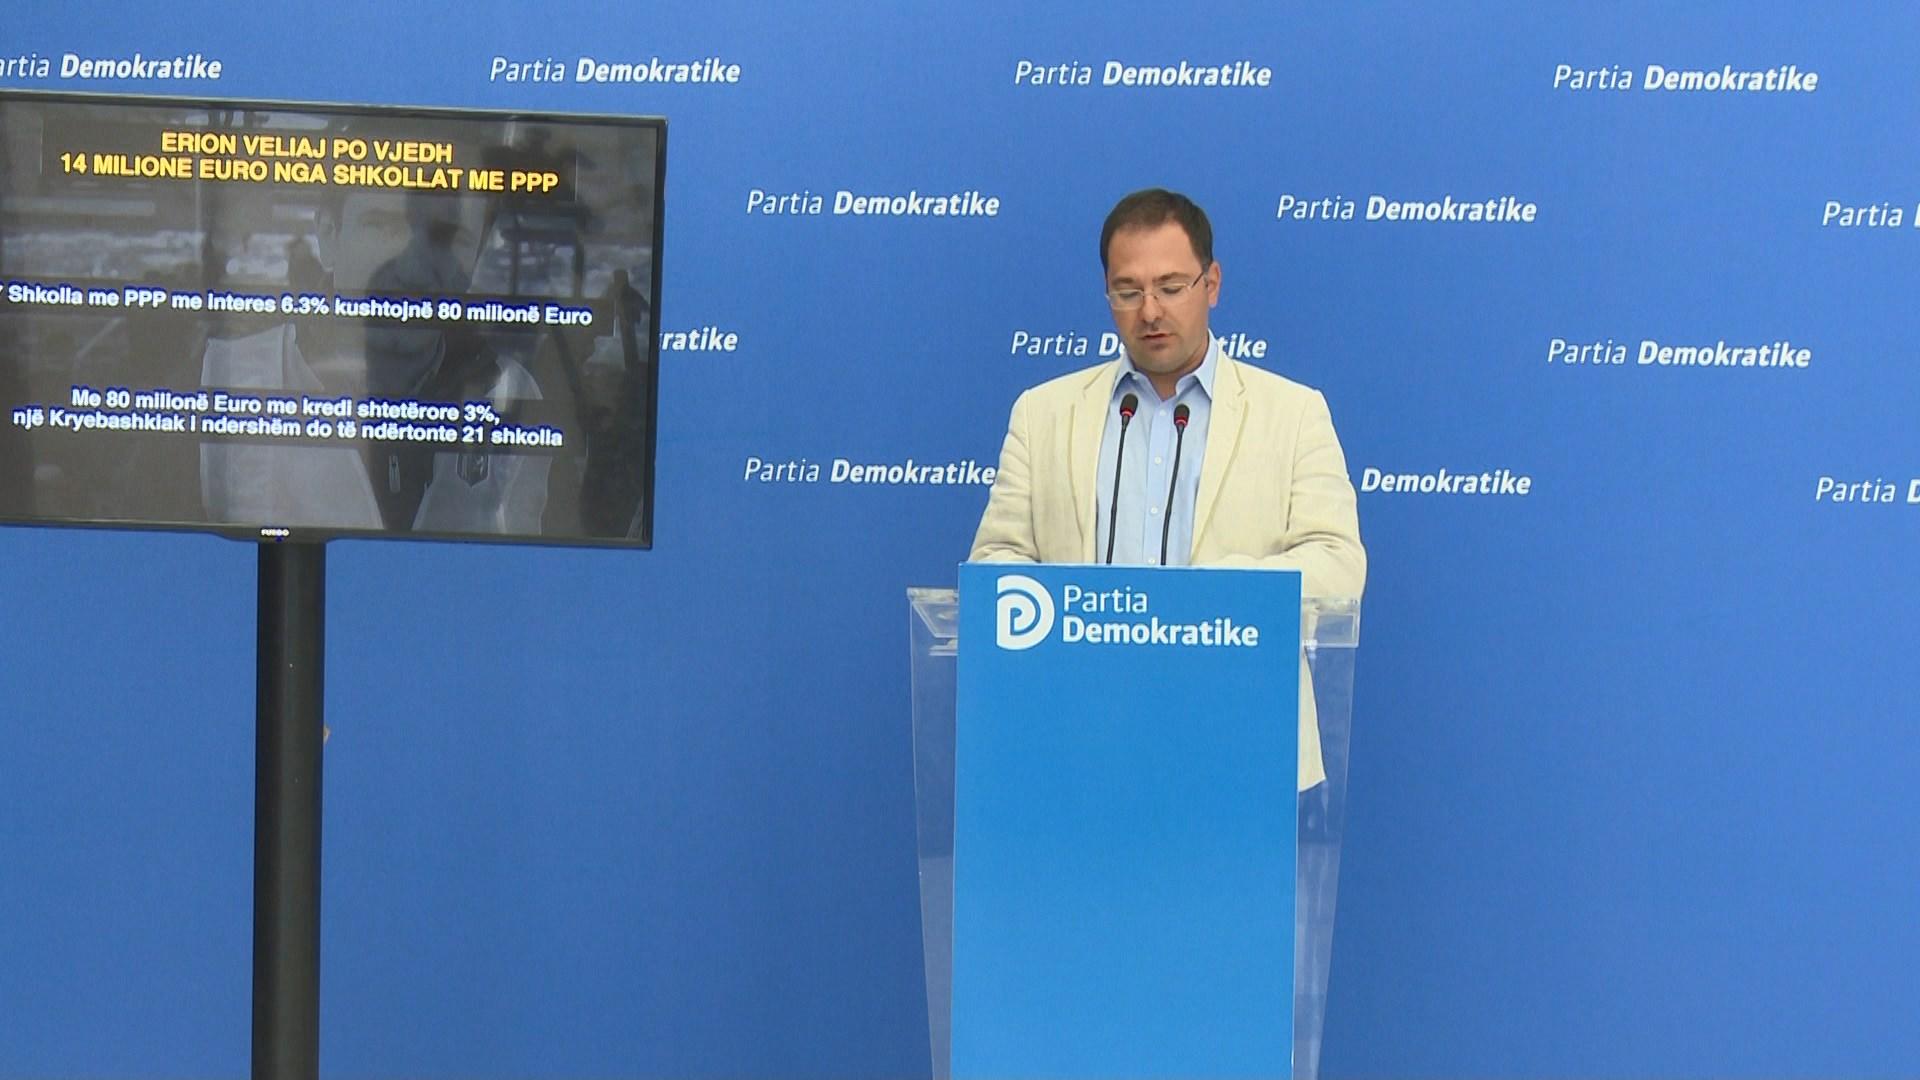 PD: Veliaj vjedh 14 milionë euro me projektin e shkollave